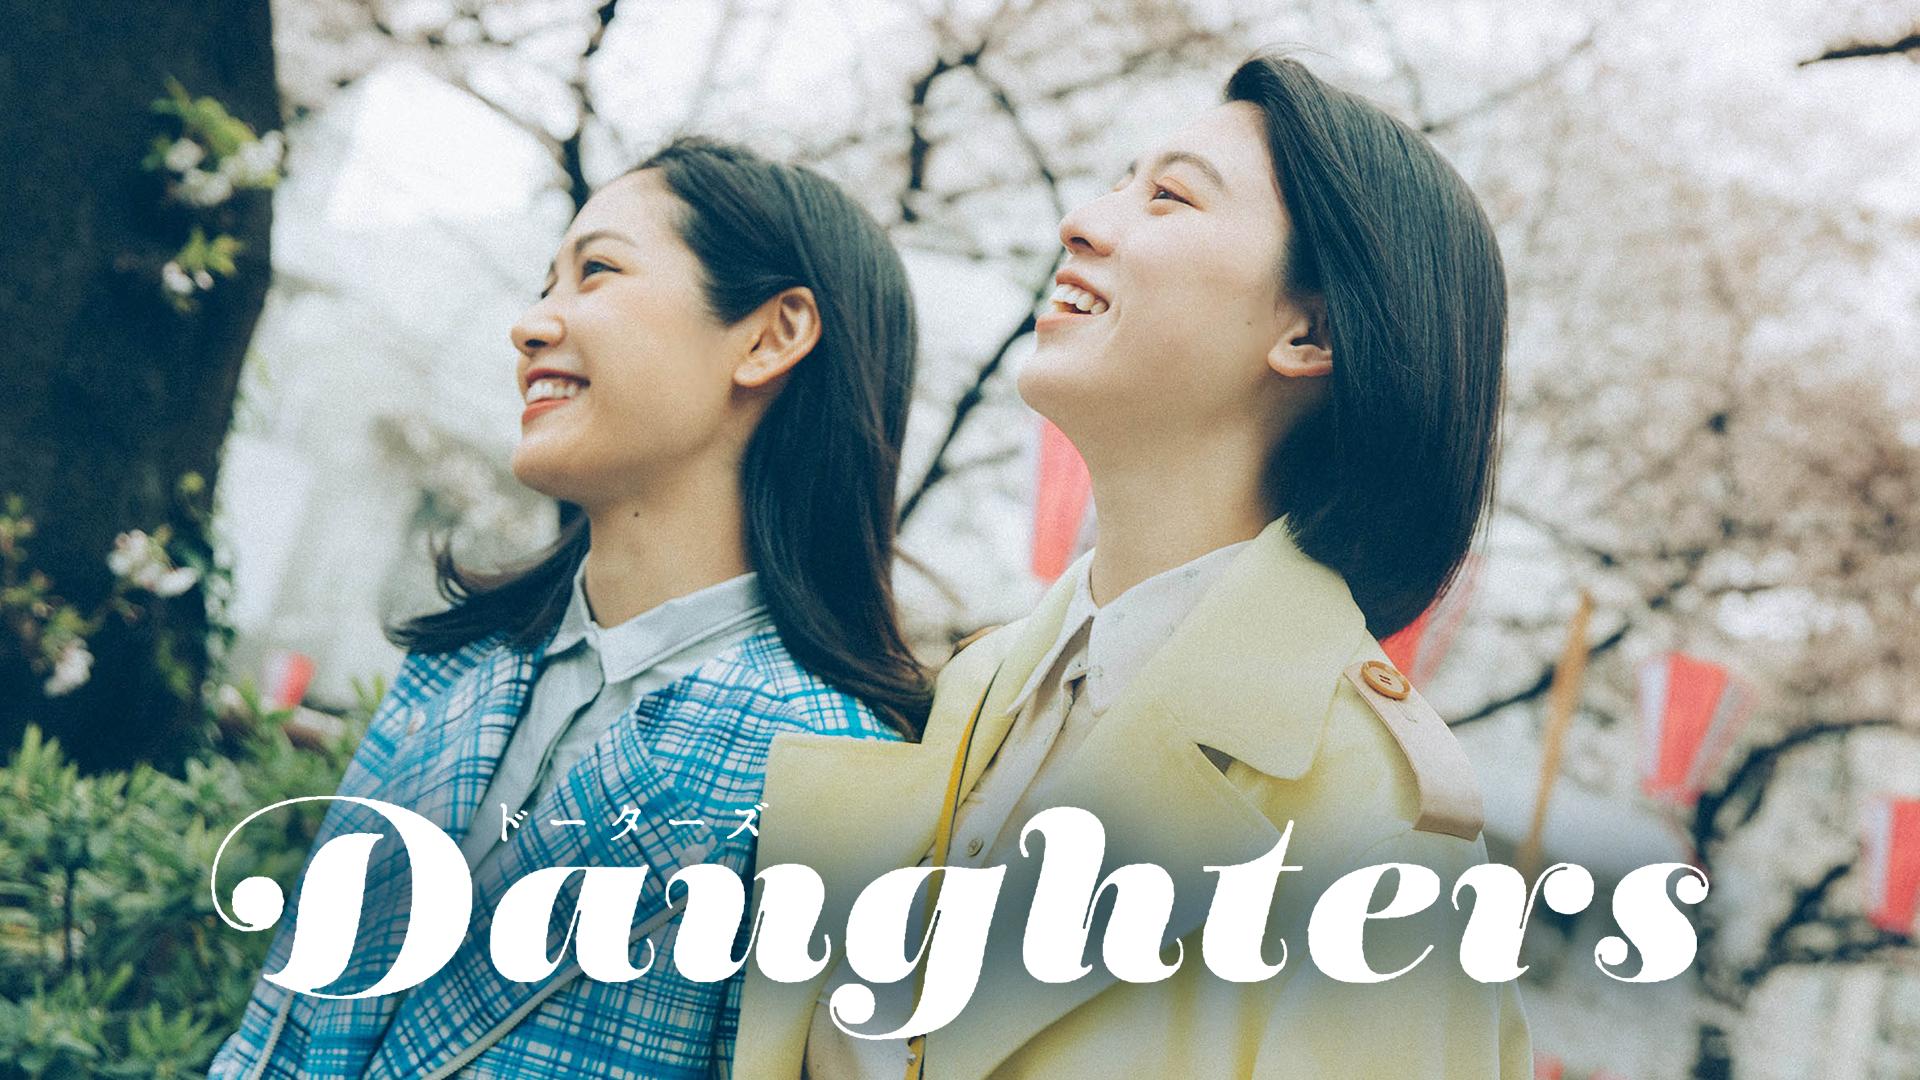 映画『Daughters(ドーターズ)』無料動画!フル視聴できる方法を調査!おすすめ動画配信サービスは?